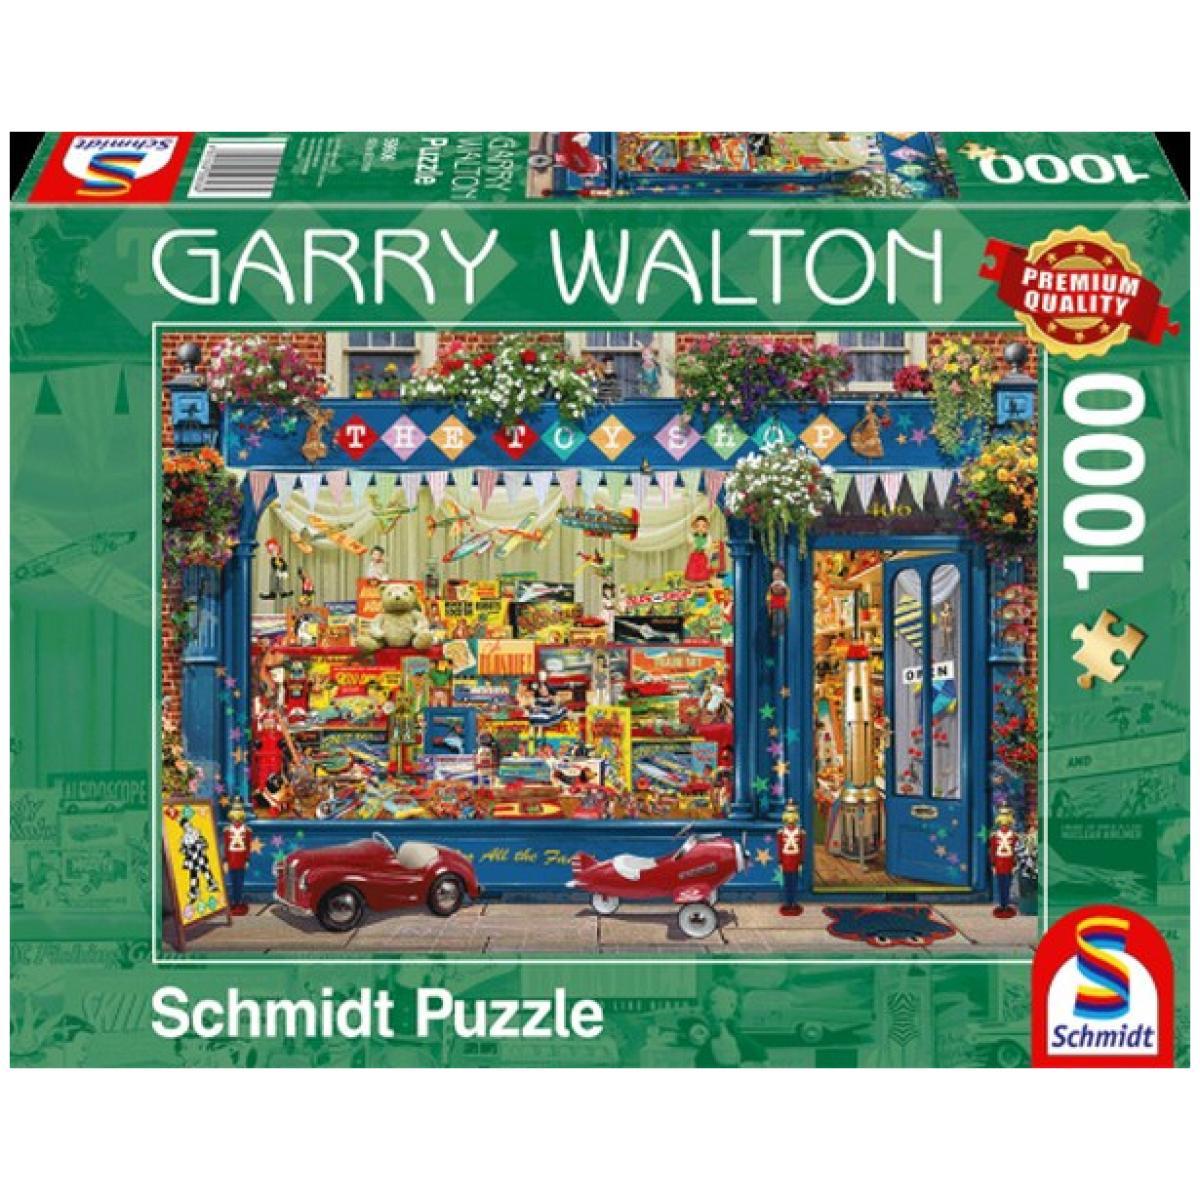 Sestavljanka 1000 delna Schmidt Walton Prodajalna igrač